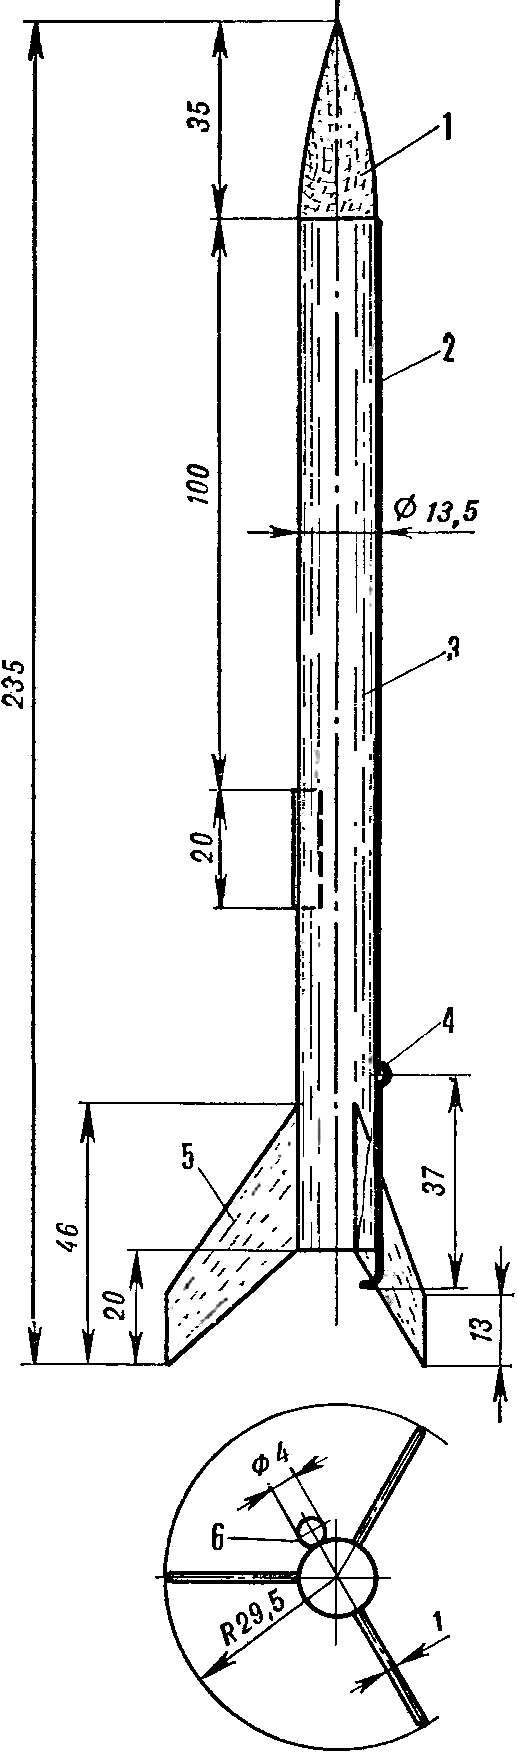 Рис. 1. Модель ракеты чемпиона Европы Х. Игното